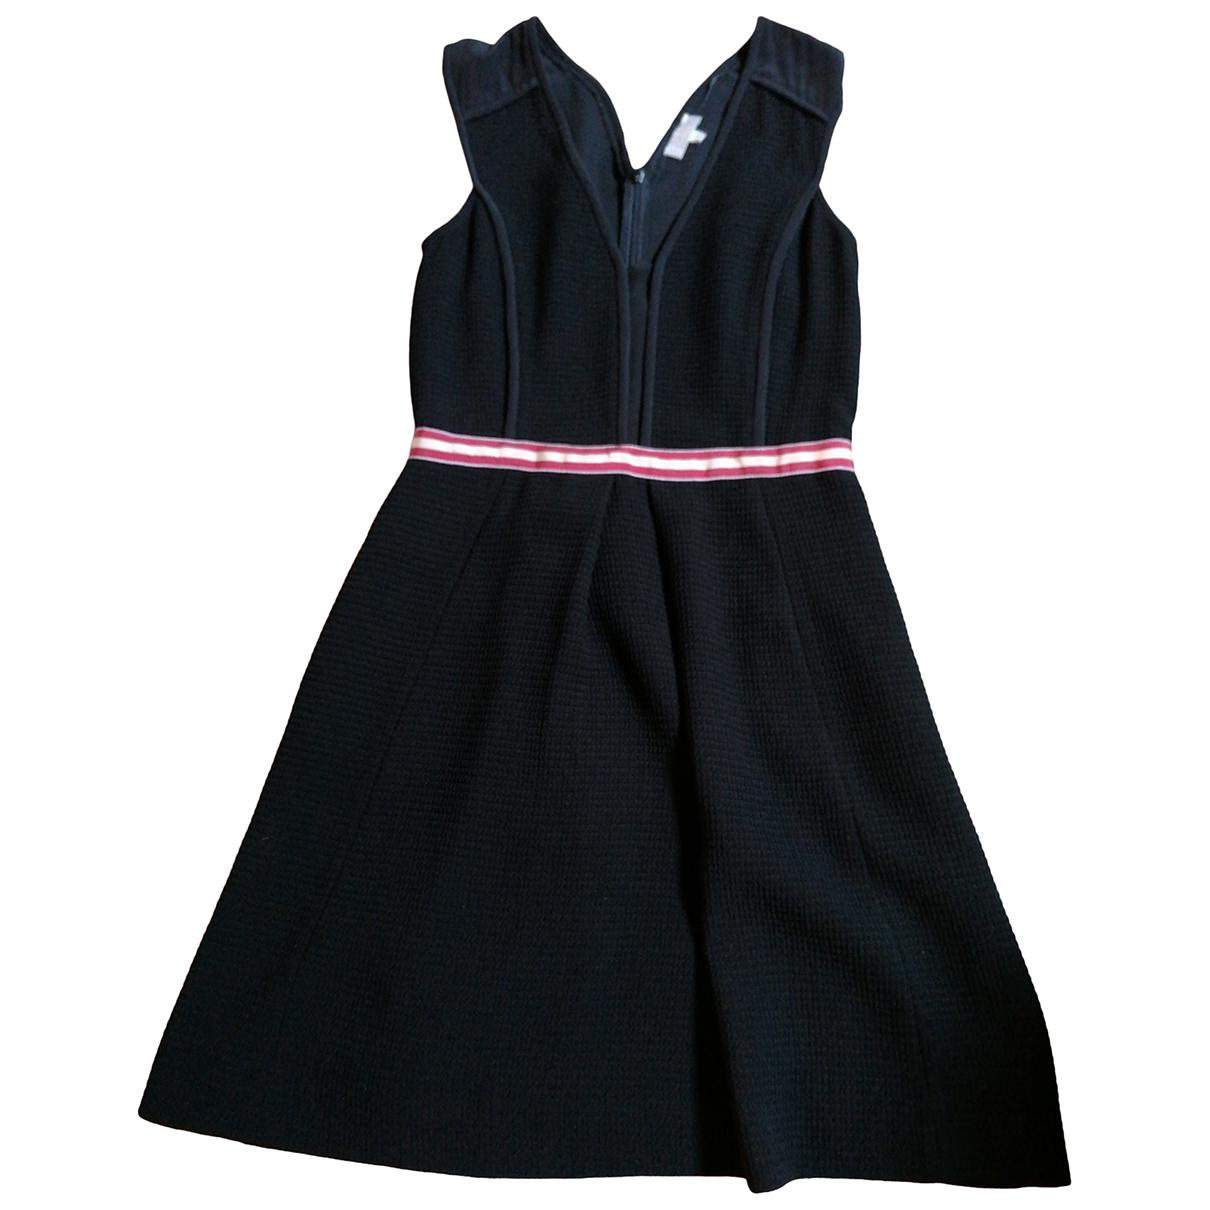 Pablo \N Kleid in  Schwarz Polyester